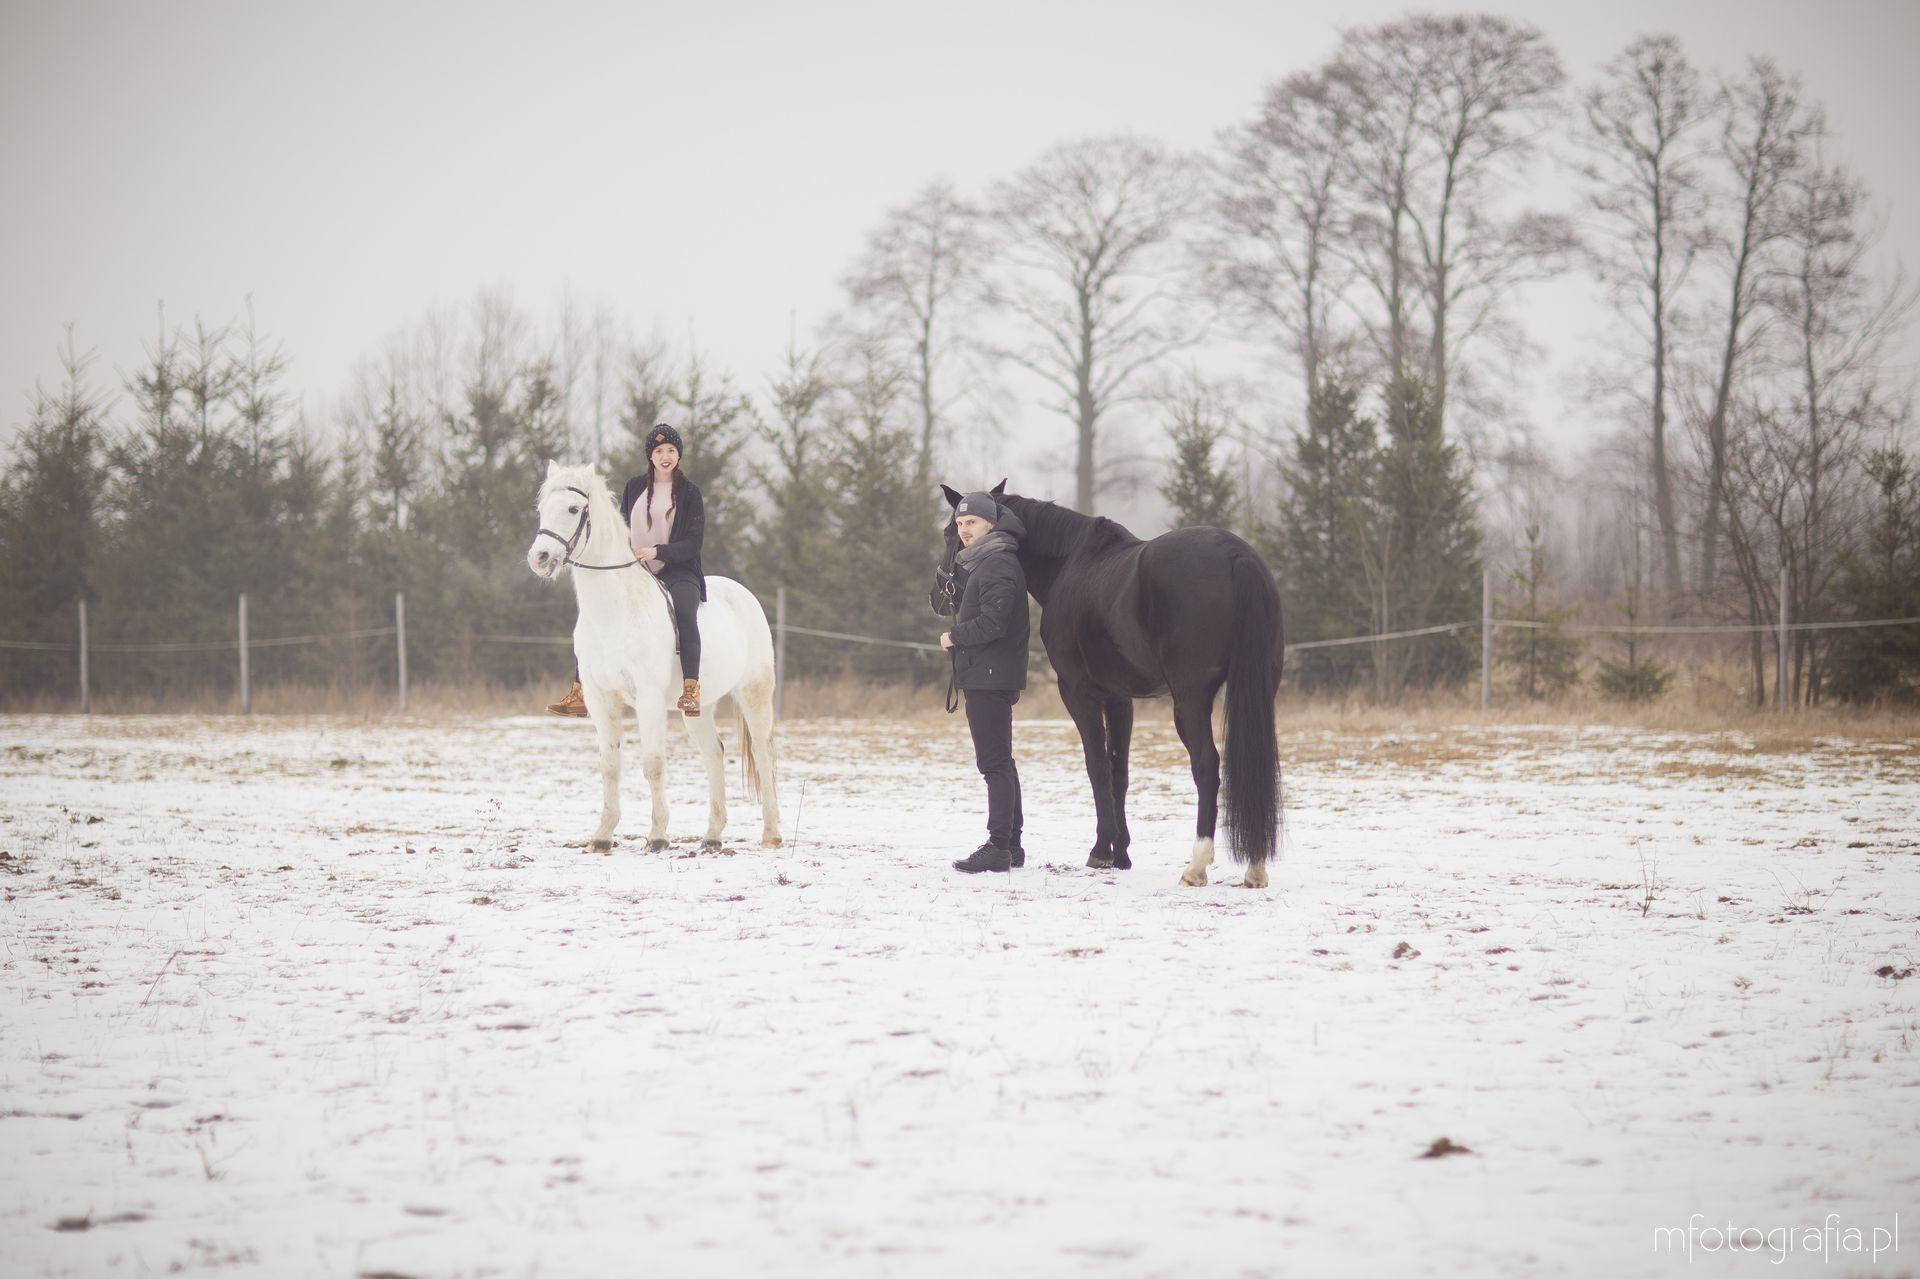 sesja zakochanych zimą koń